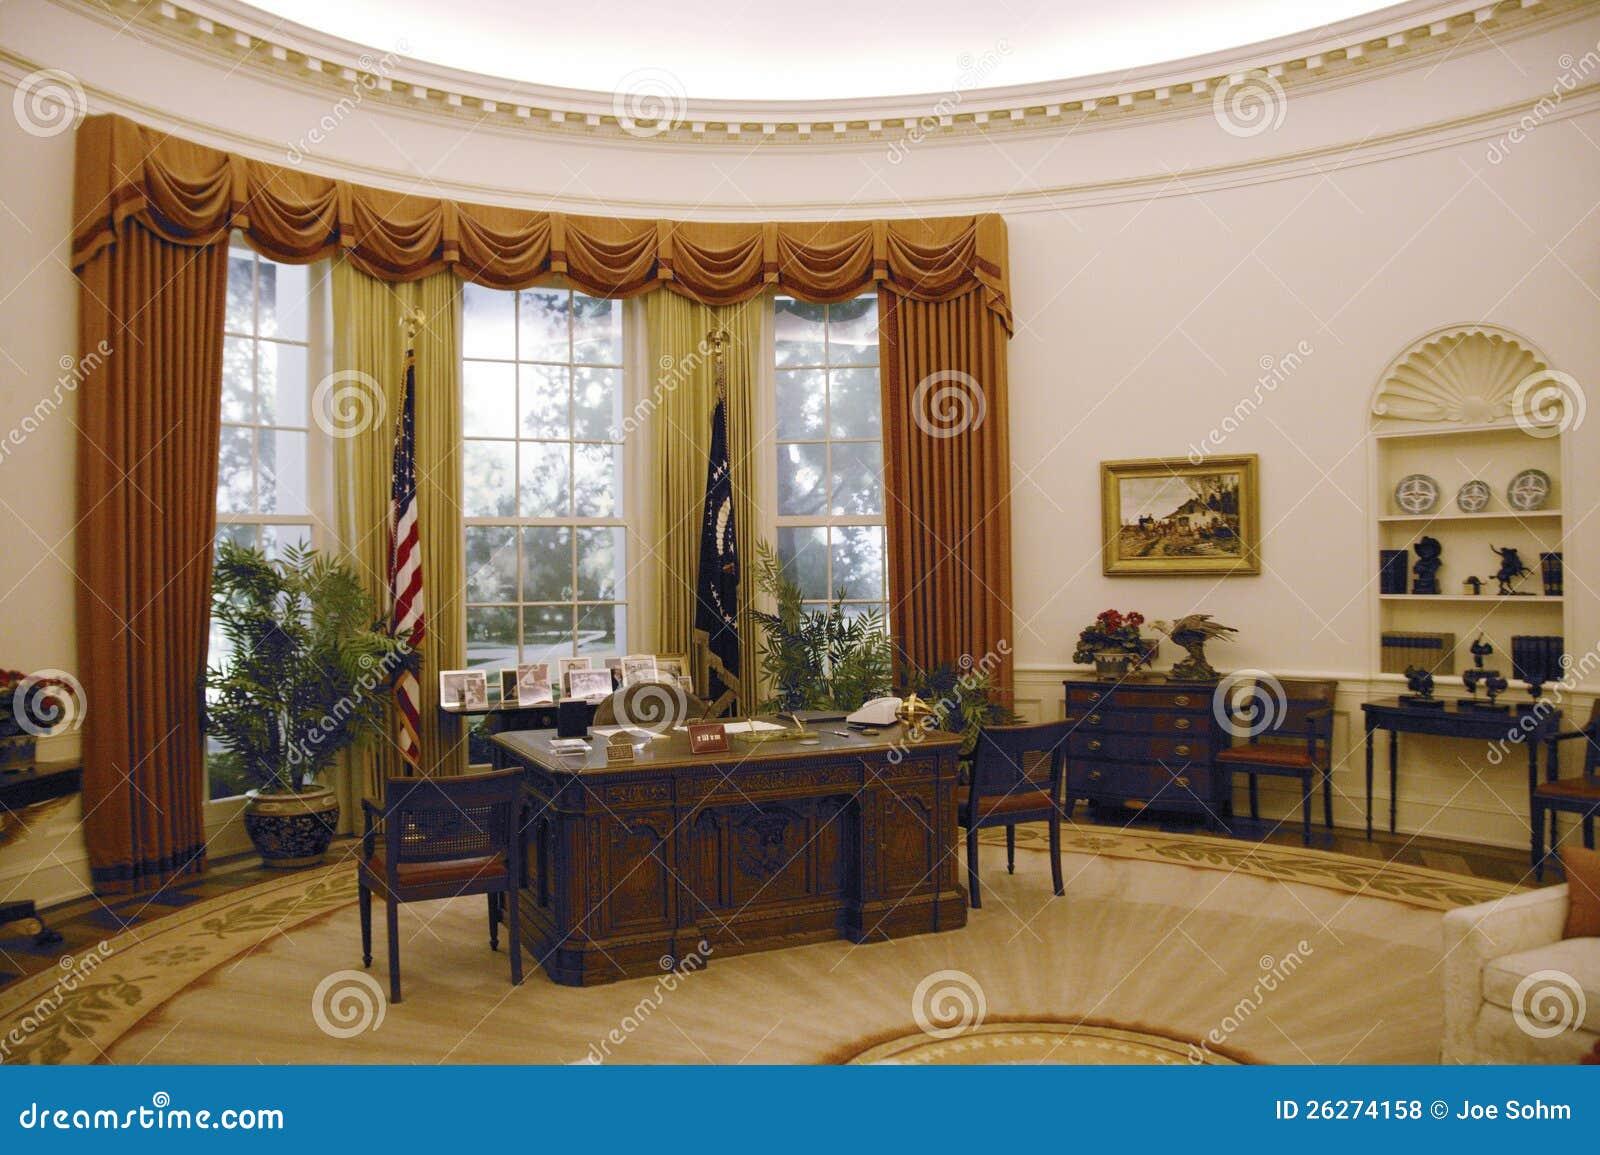 Reproduction du bureau d 39 ovale de la maison blanche photo for Bureau ovale